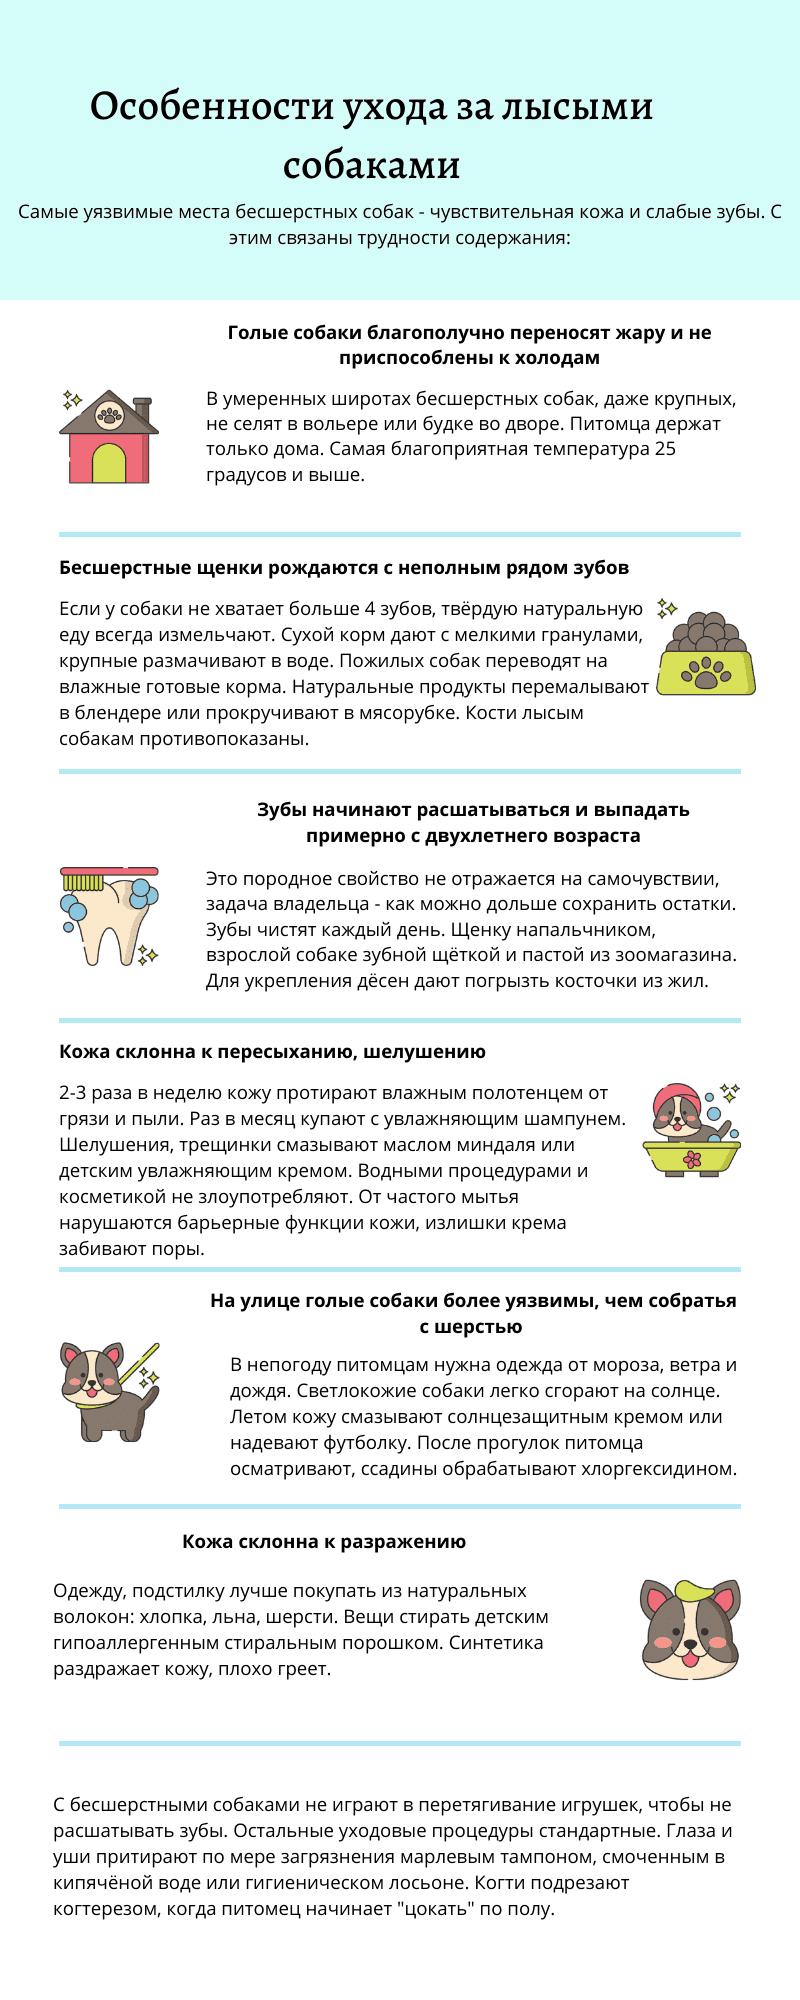 Инфографика: уход за лысыми собаками